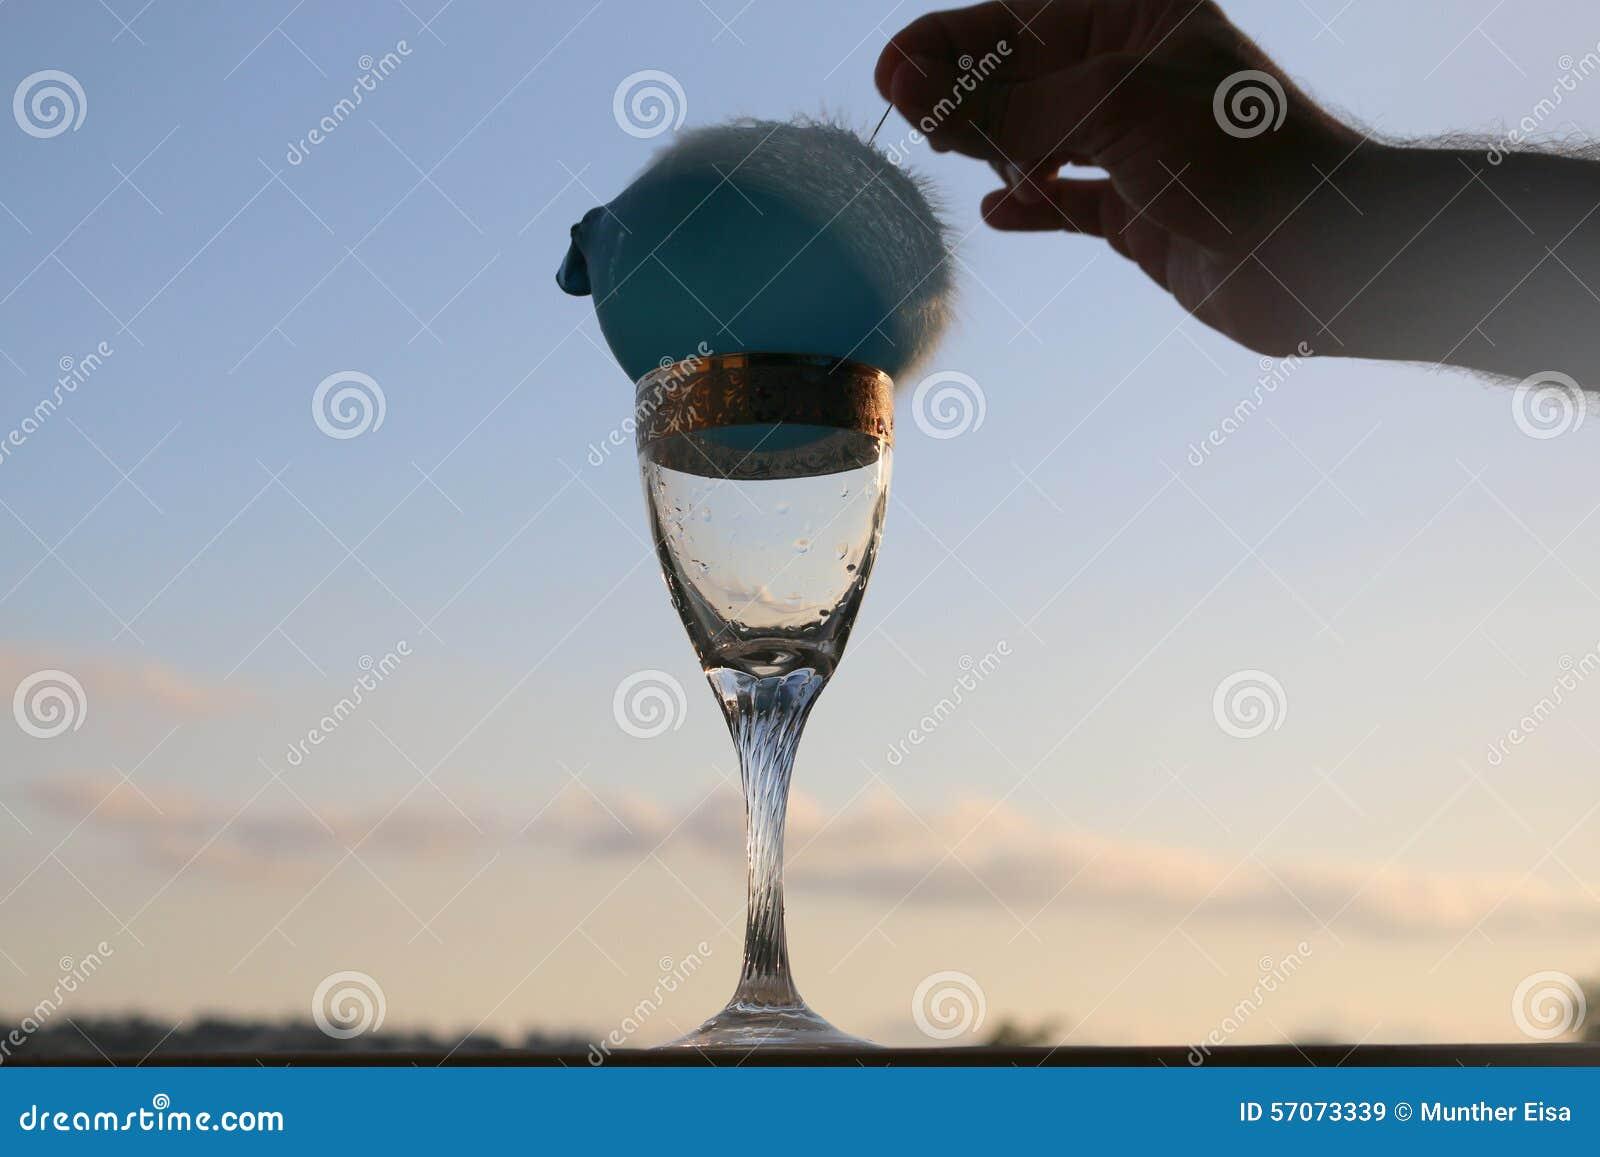 Half Water, Halve Ballon